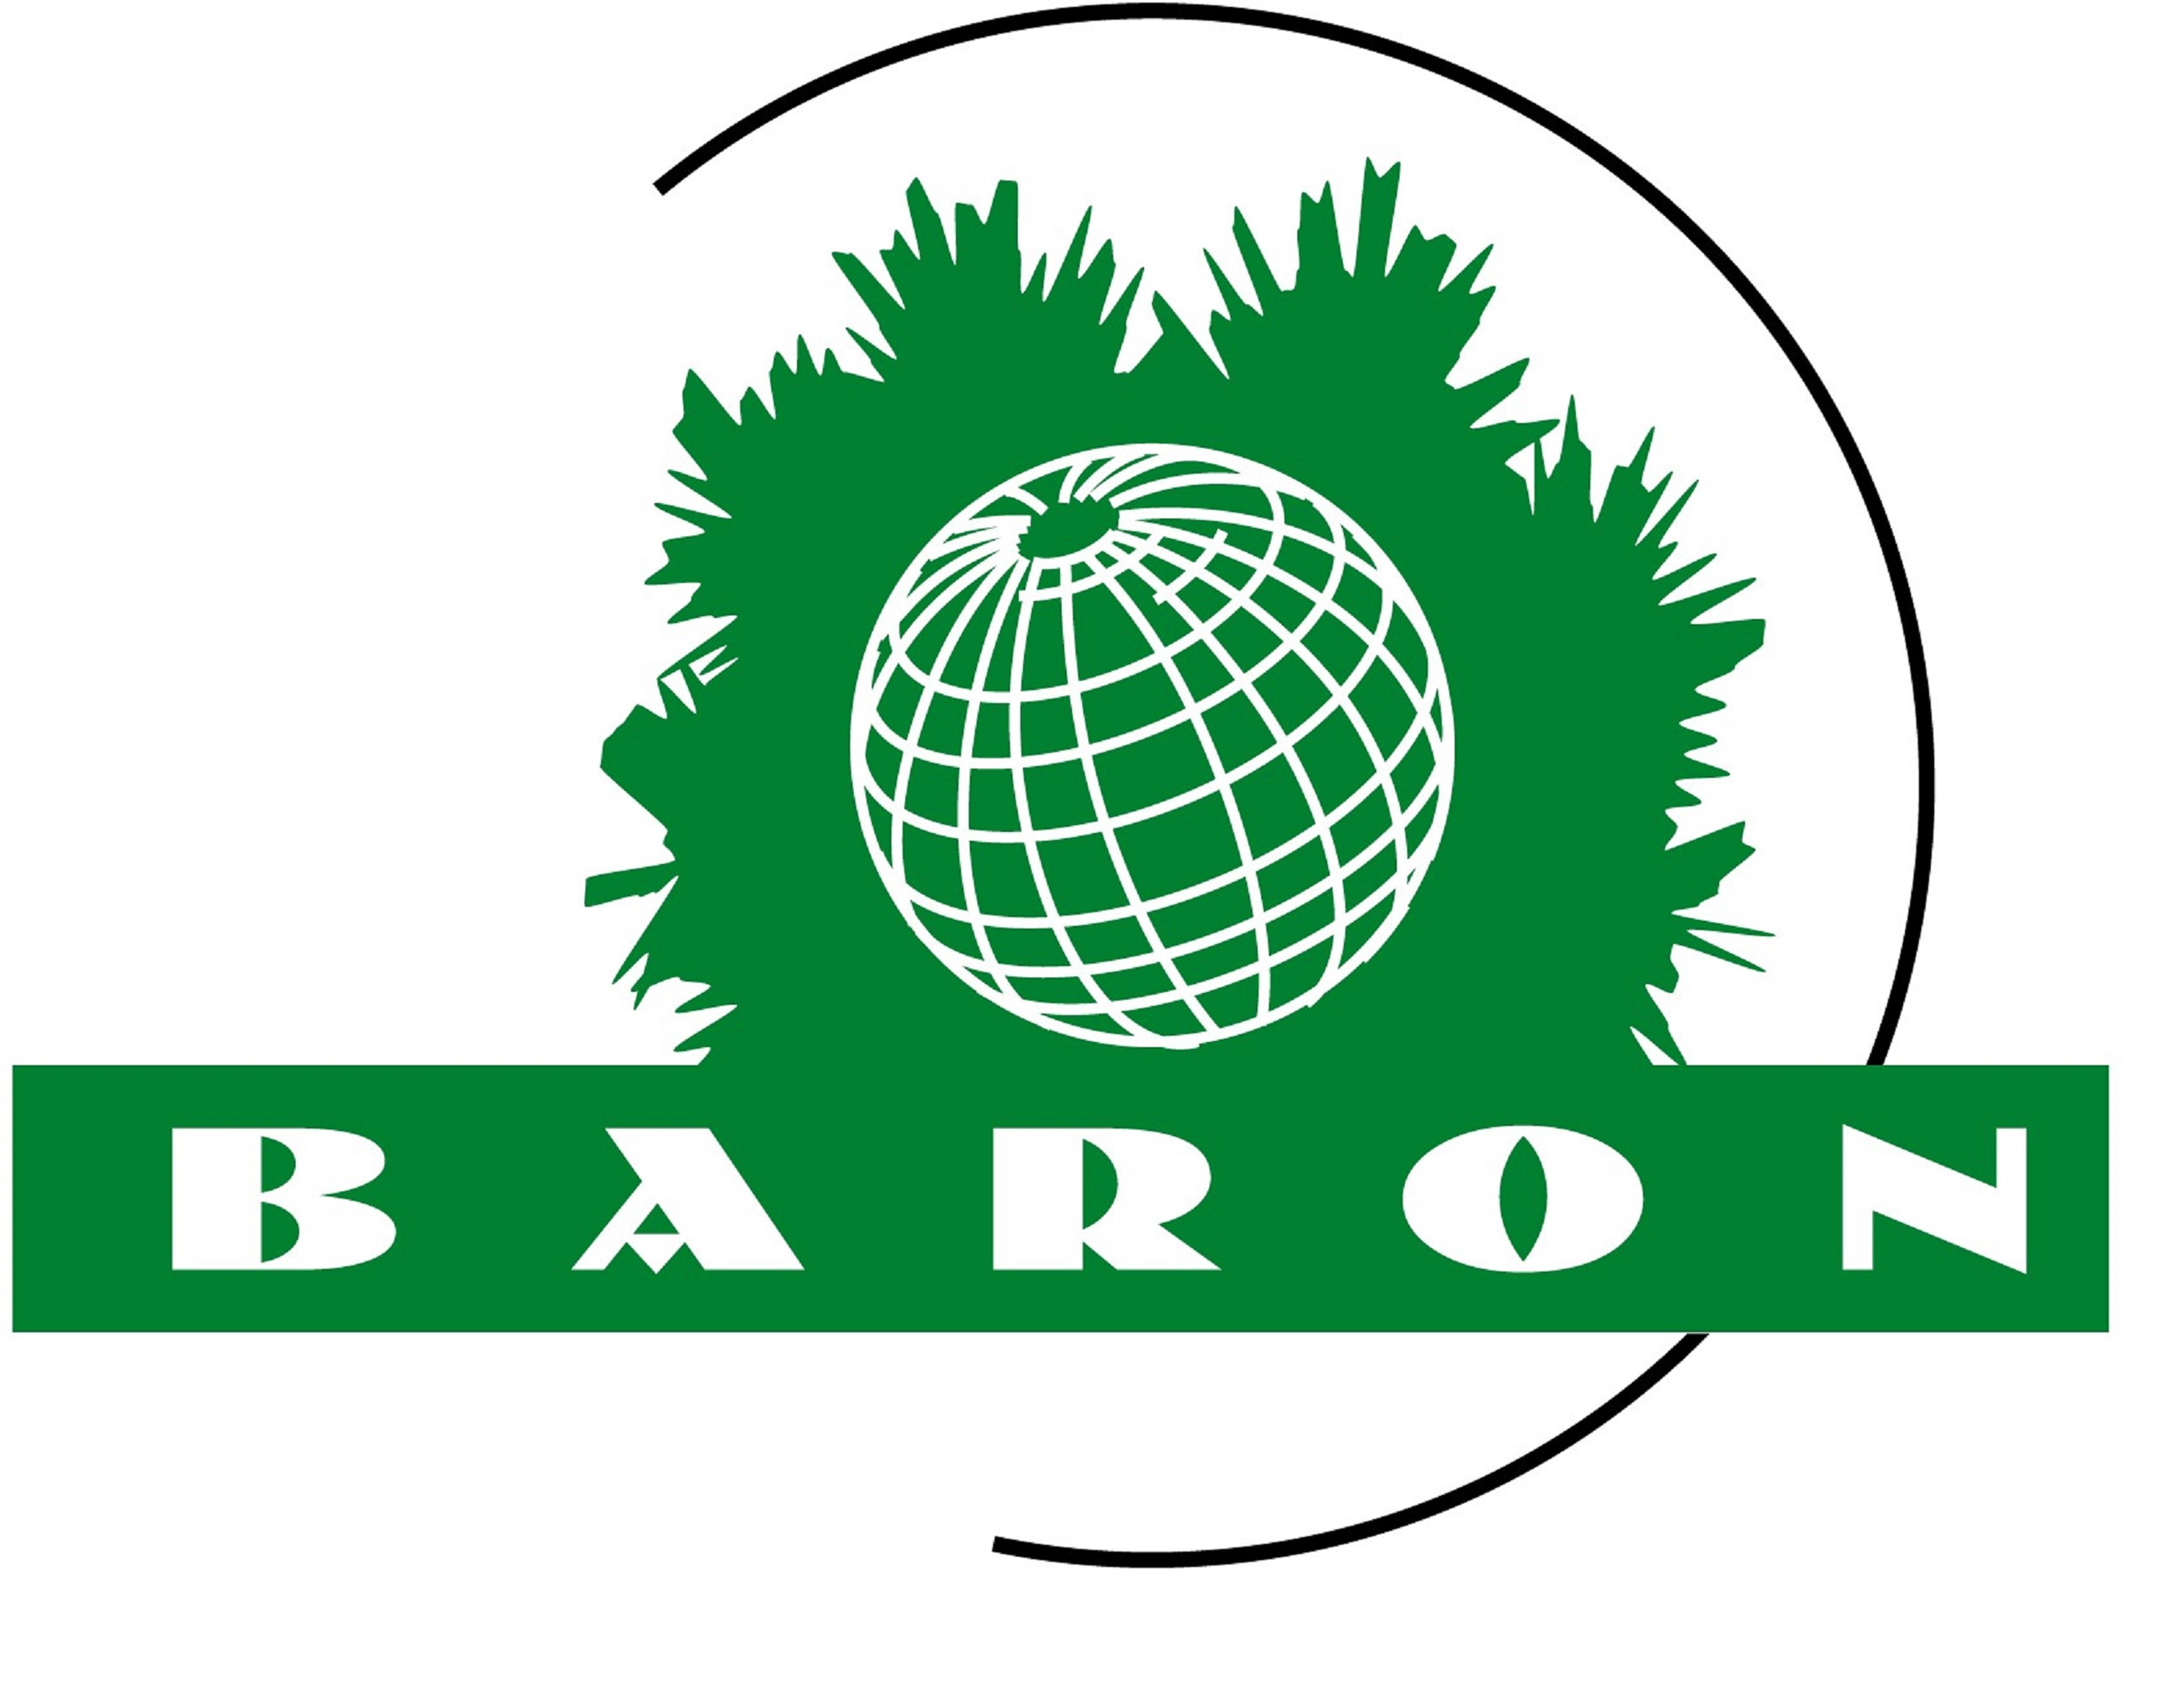 Baron Profile Picture